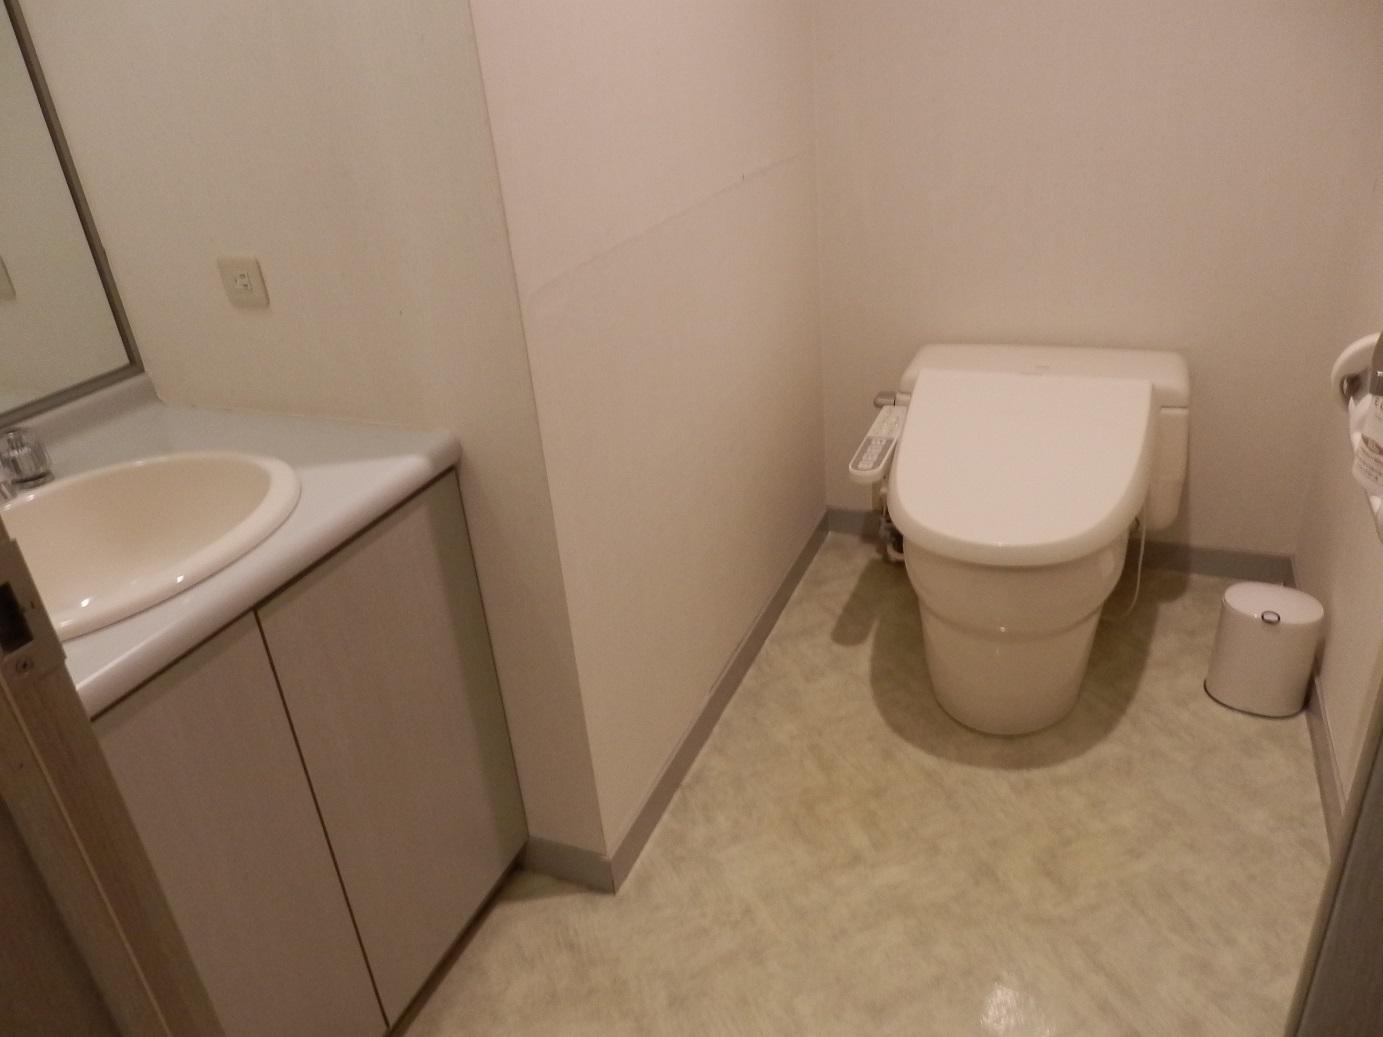 ホテルアンビエント蓼科、トイレ。